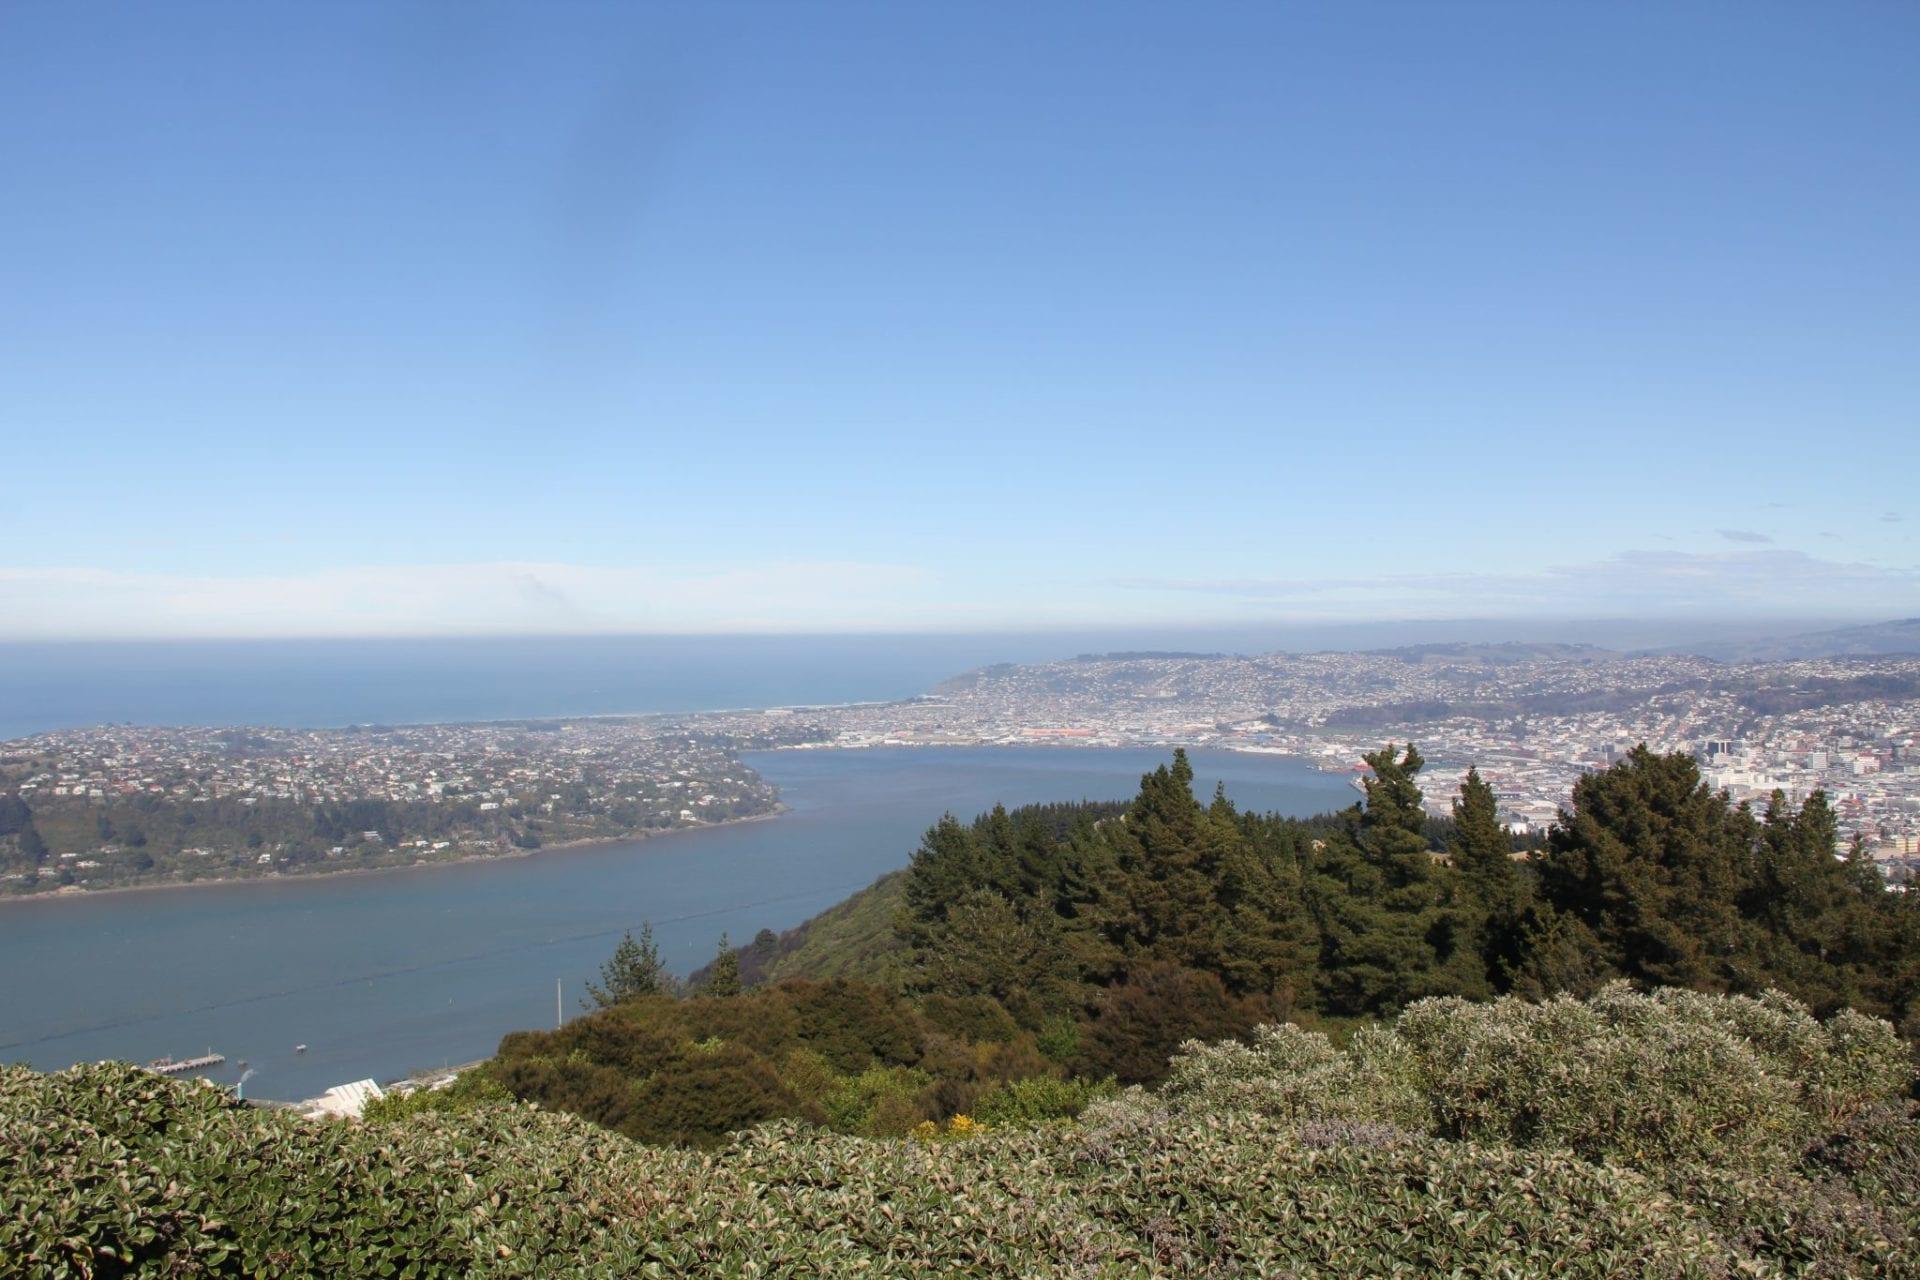 Dunedin Signal Hill Lookout